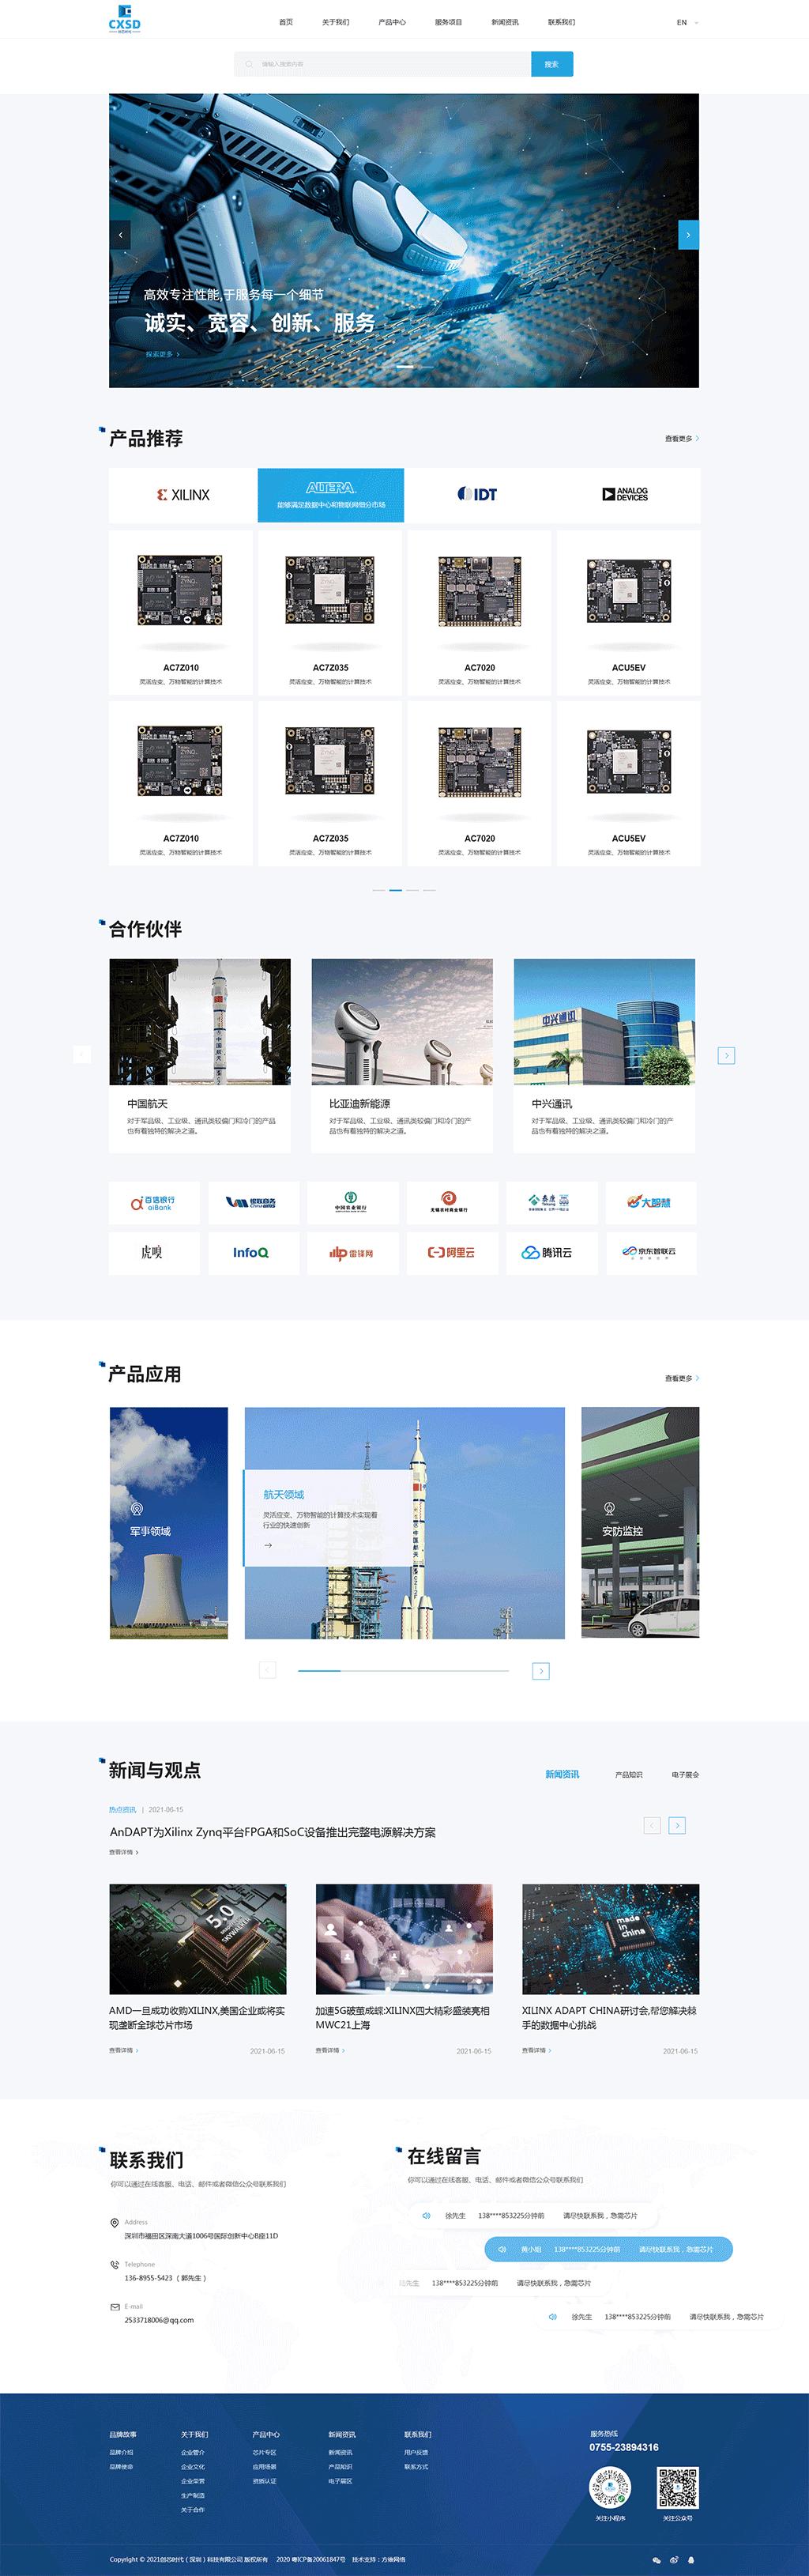 科技网站设计图